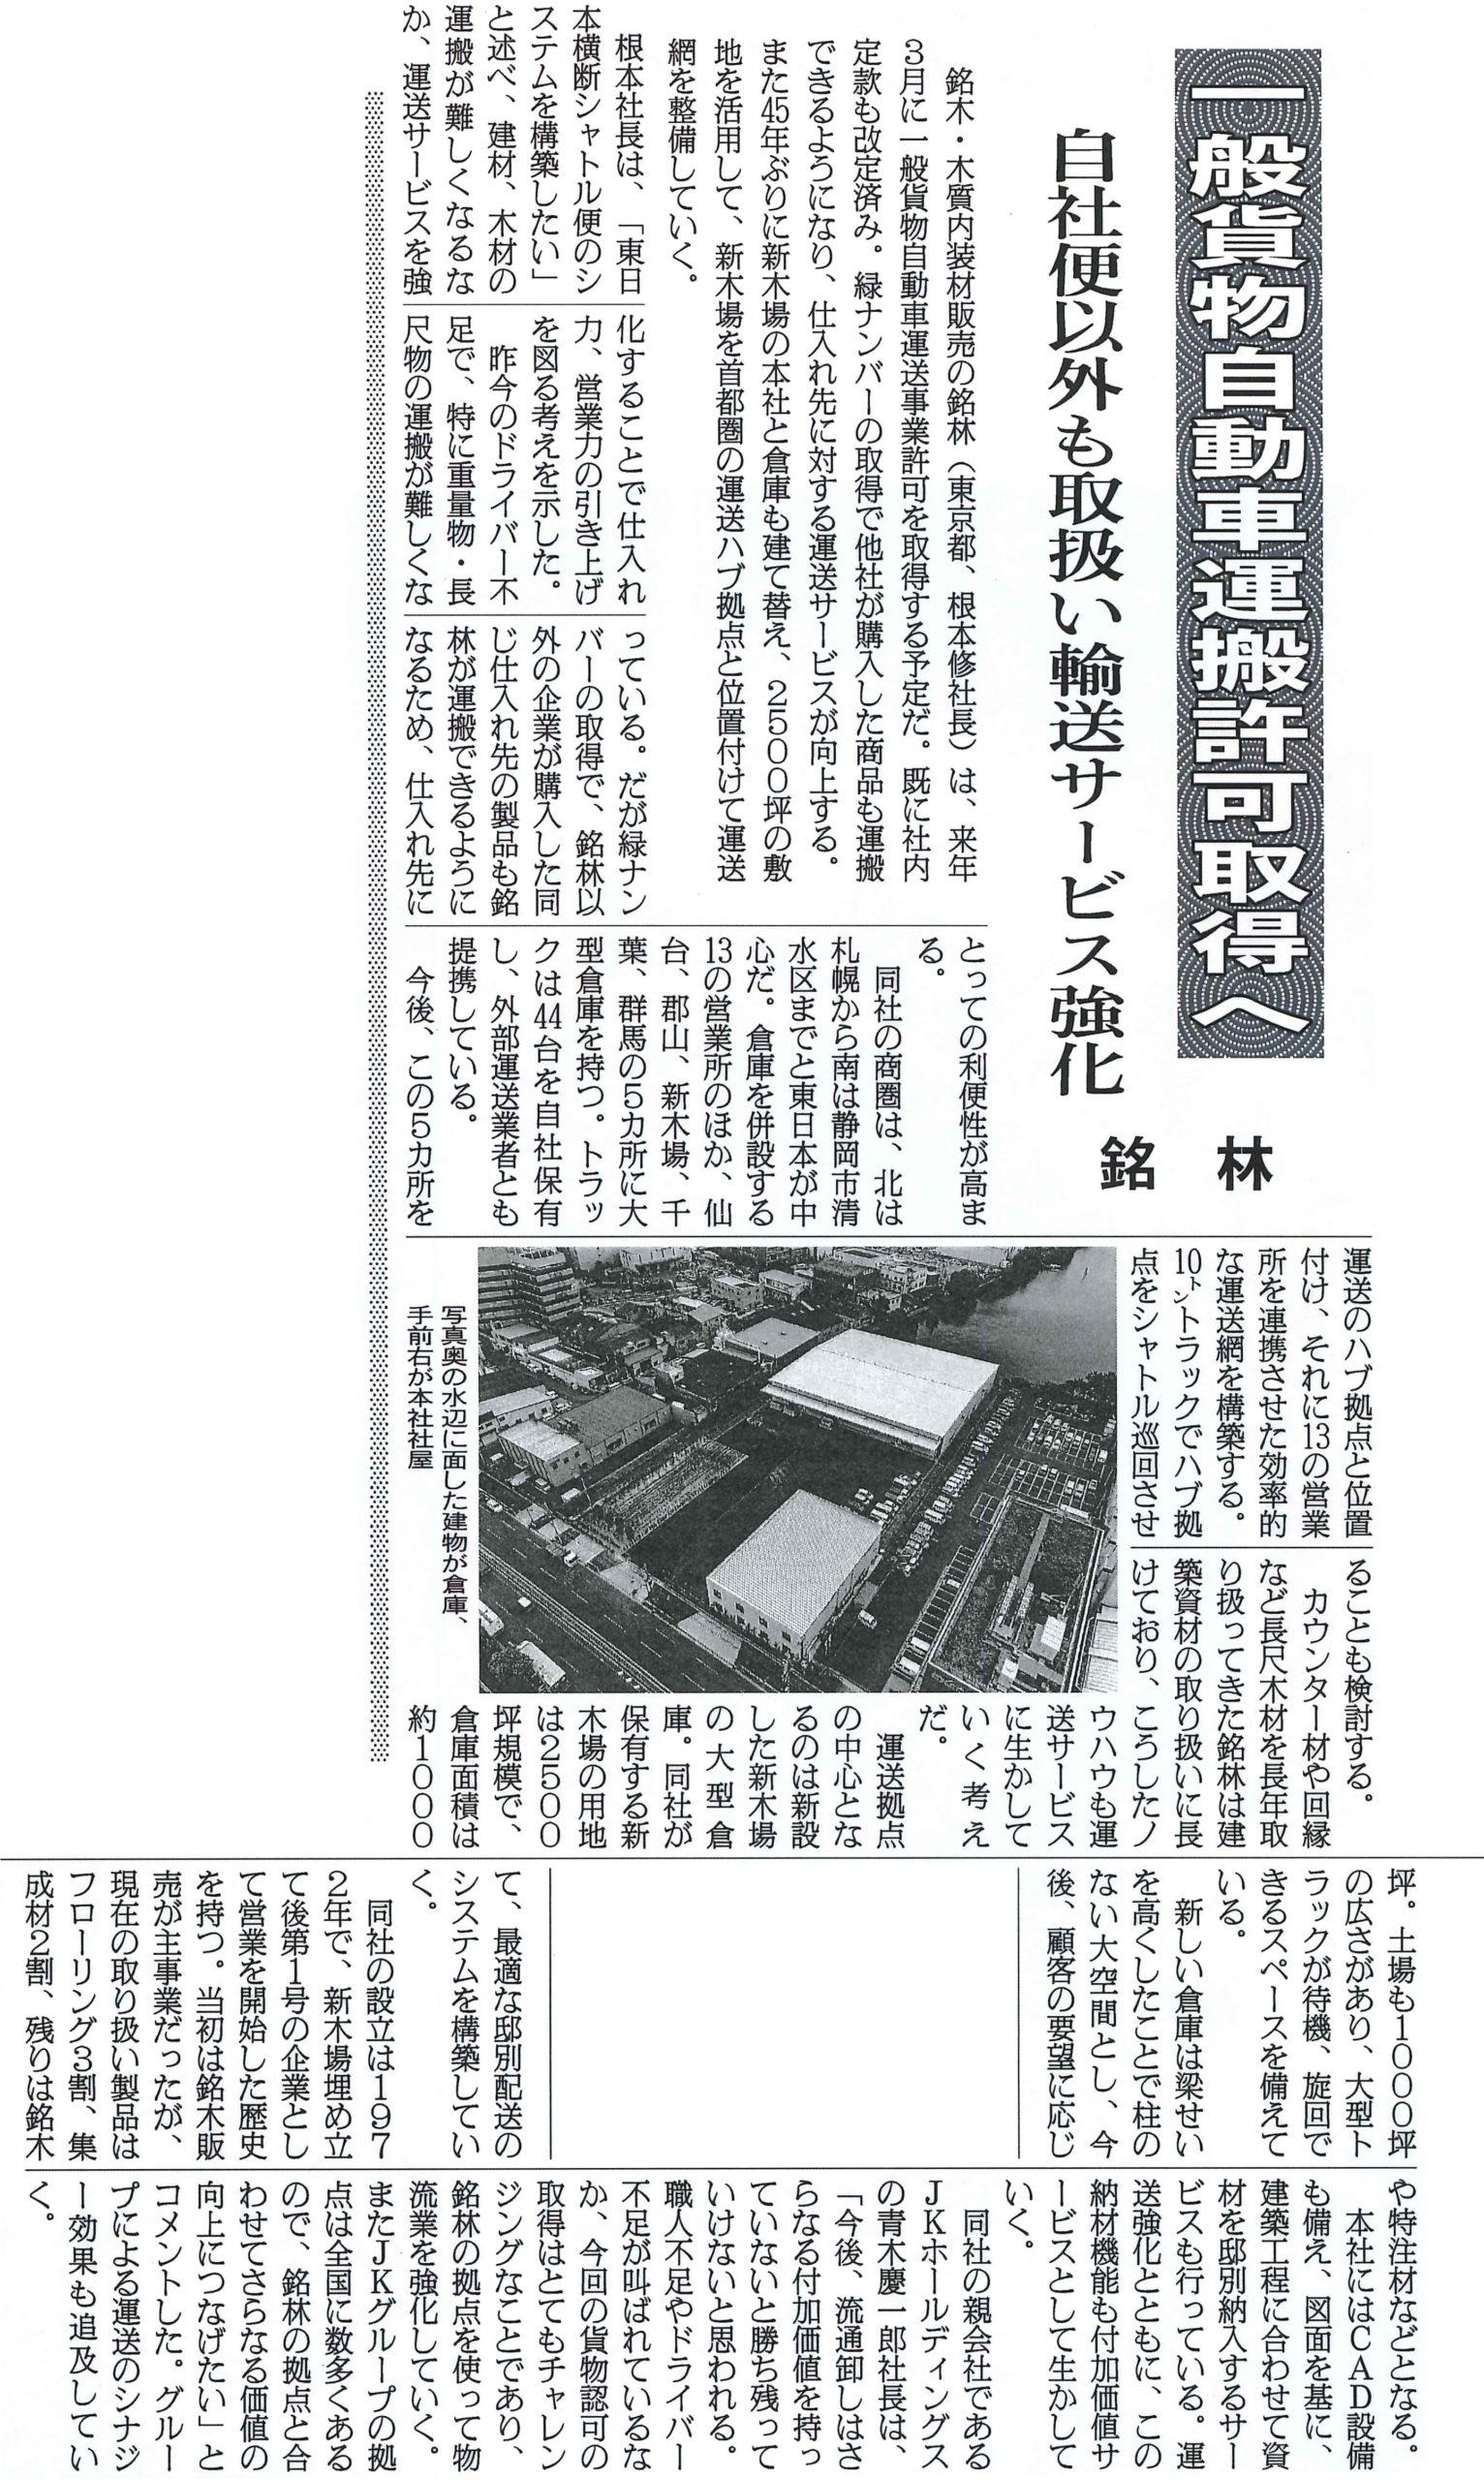 2019年10月10日付 日刊木材新聞